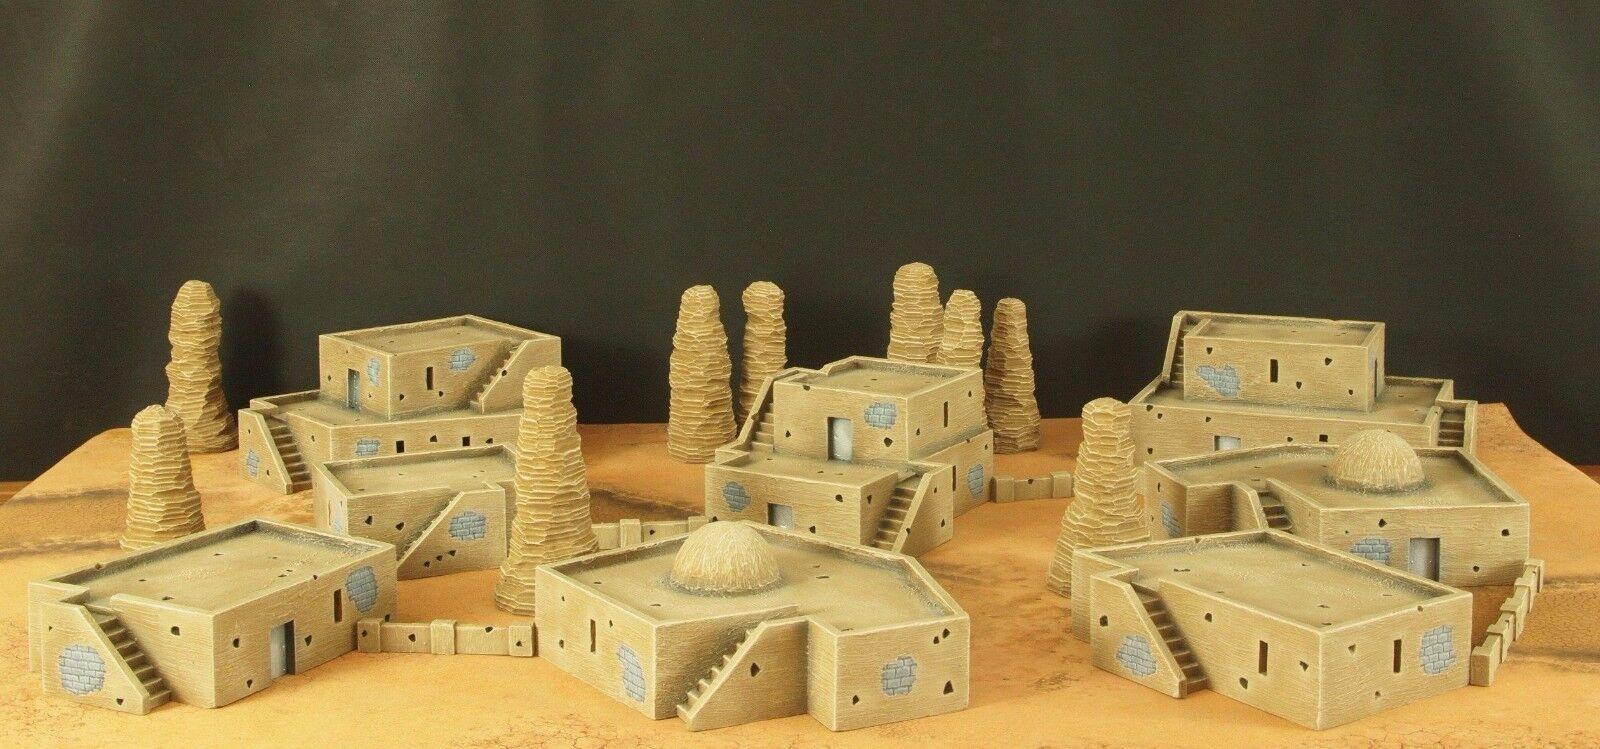 Desert città Terrain  Set (pictures in description)  alla moda